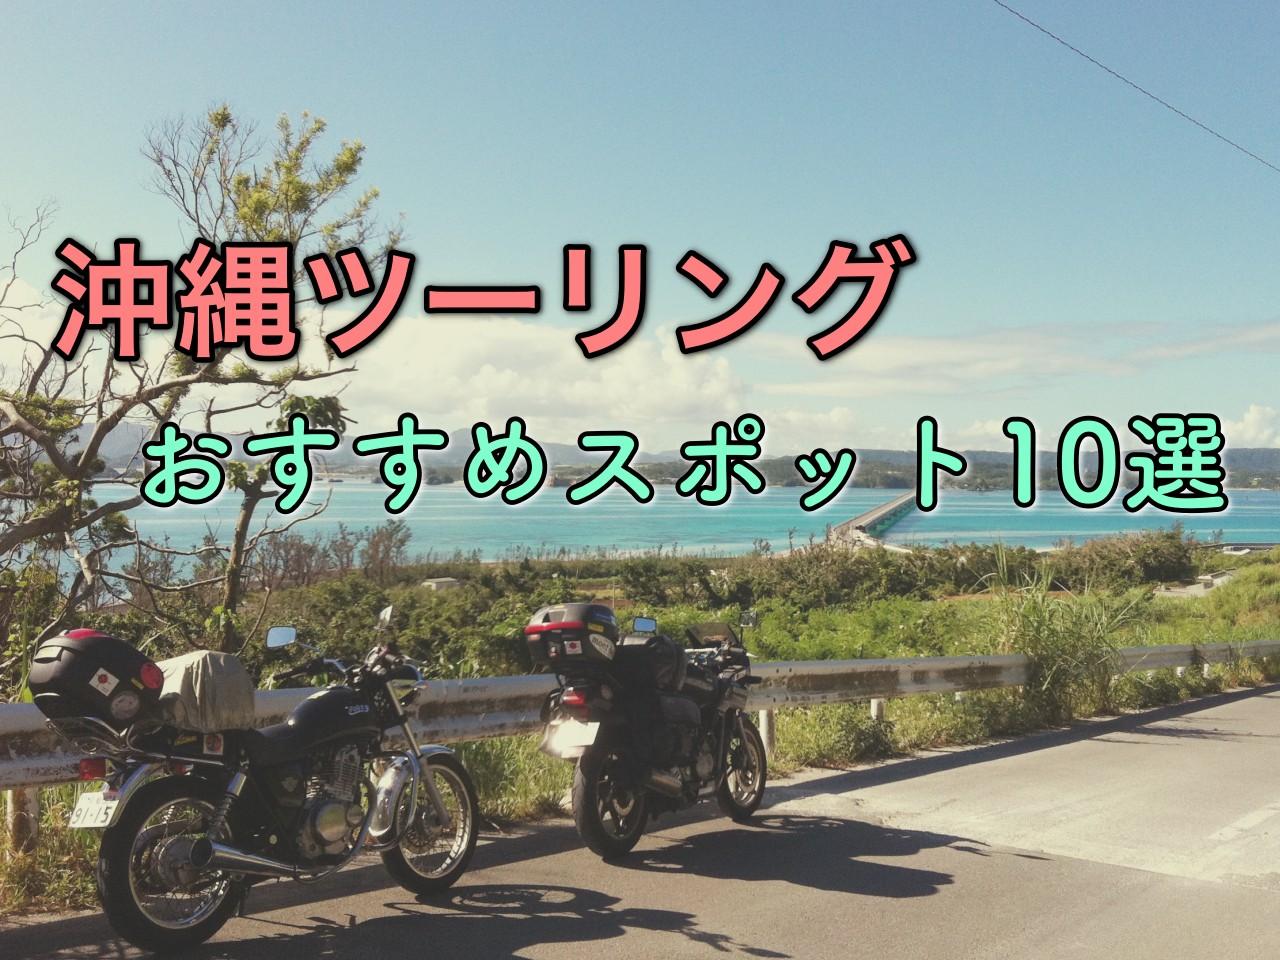 宮古島 レンタル バイク